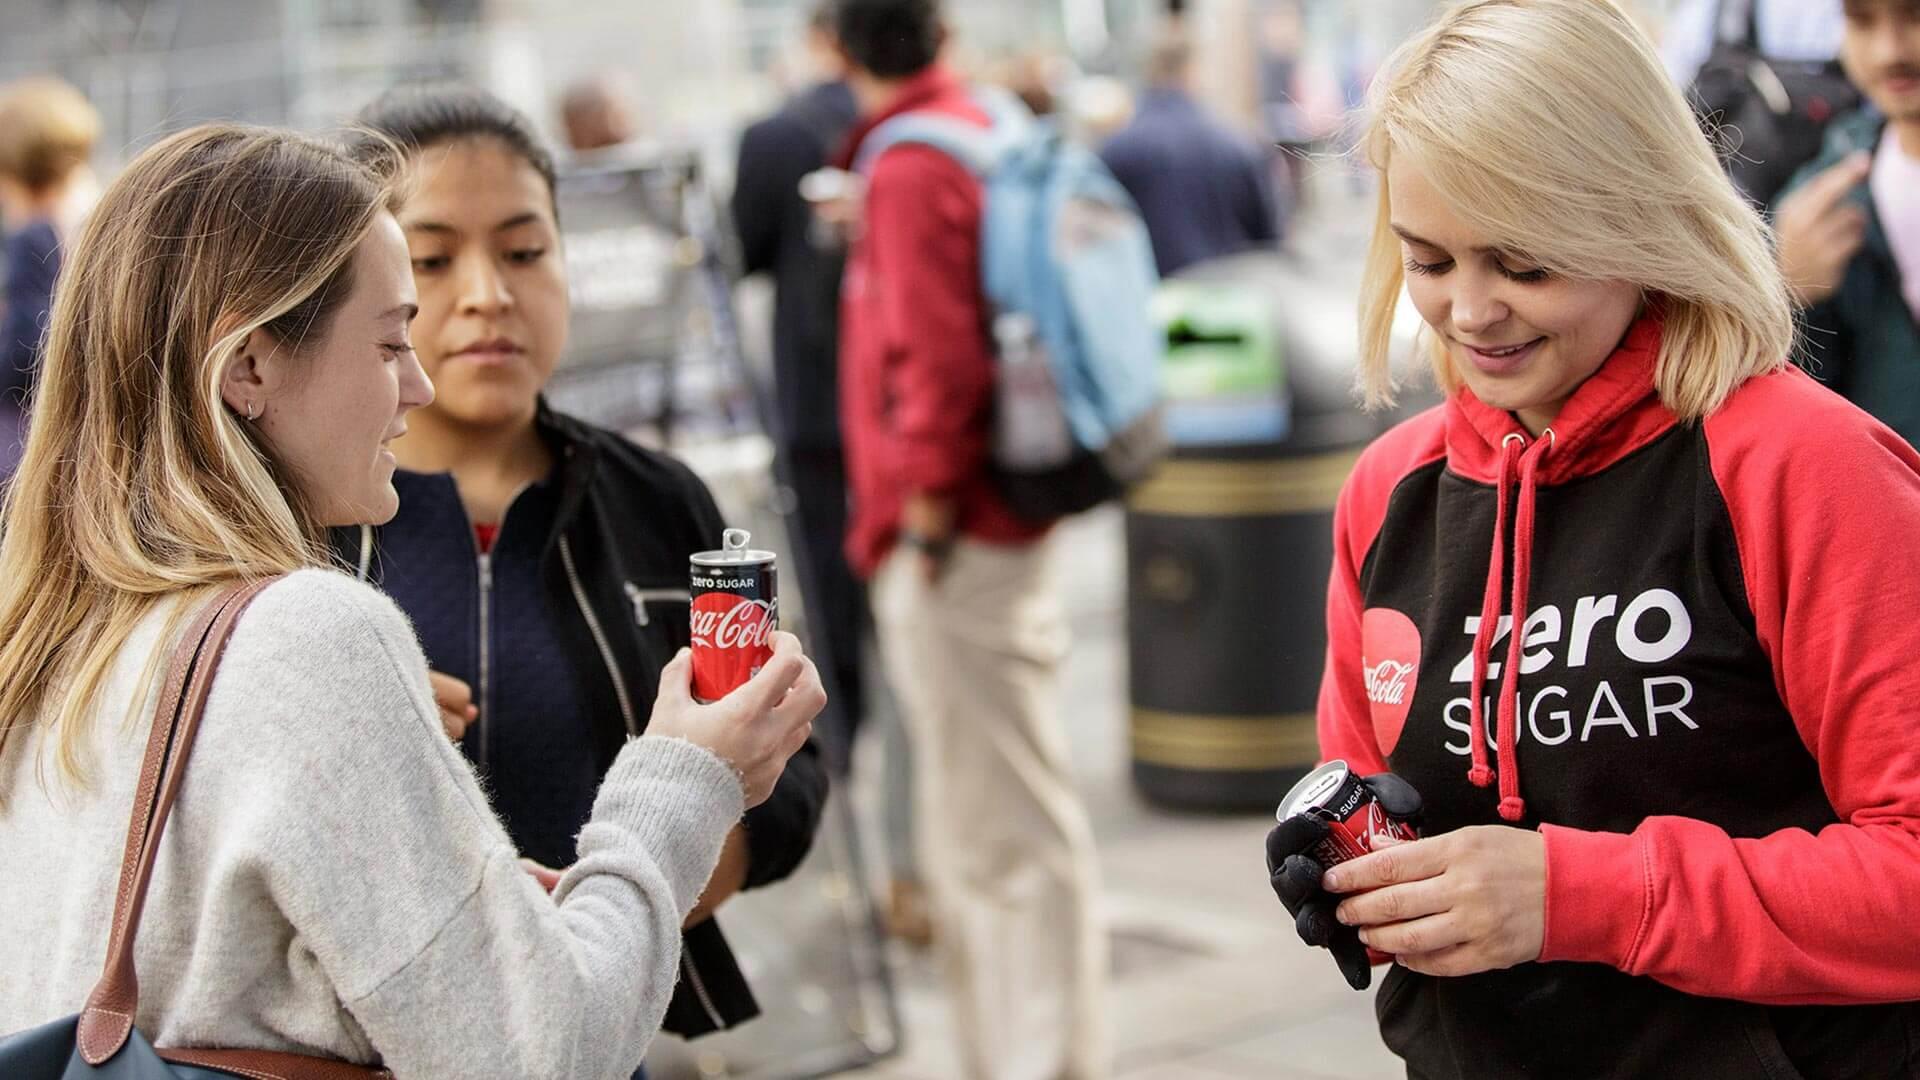 Coke Zero Sales agent